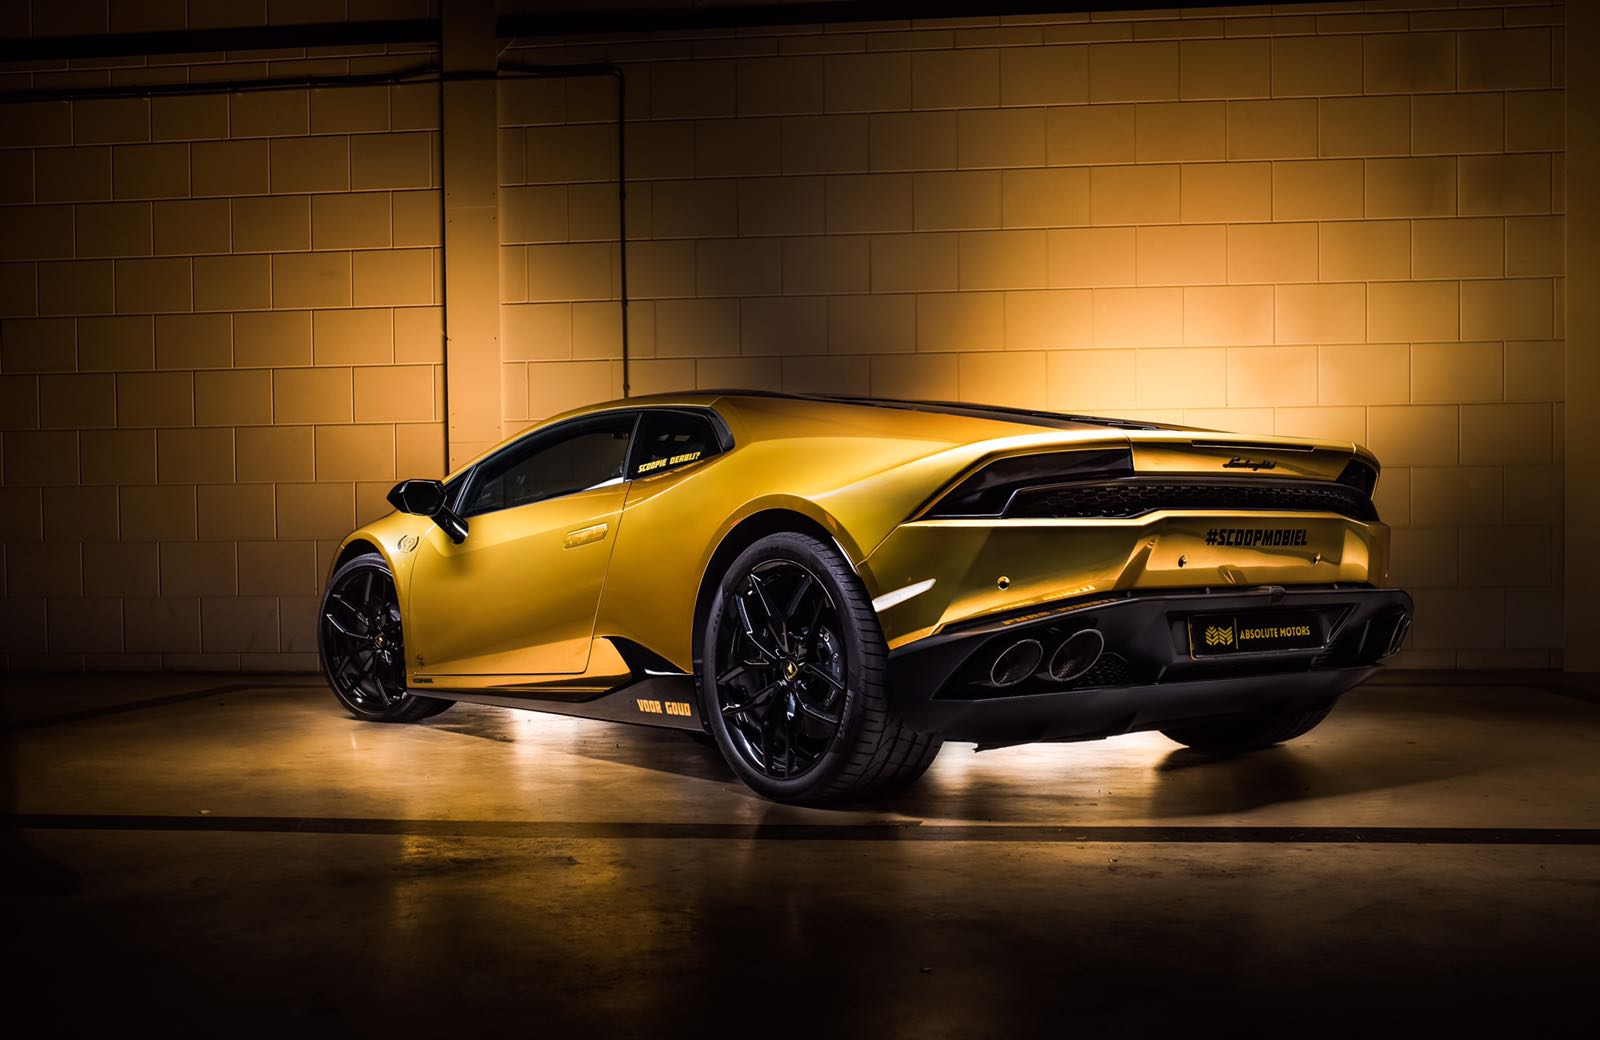 Joel Beukers Lamborghini Huracan